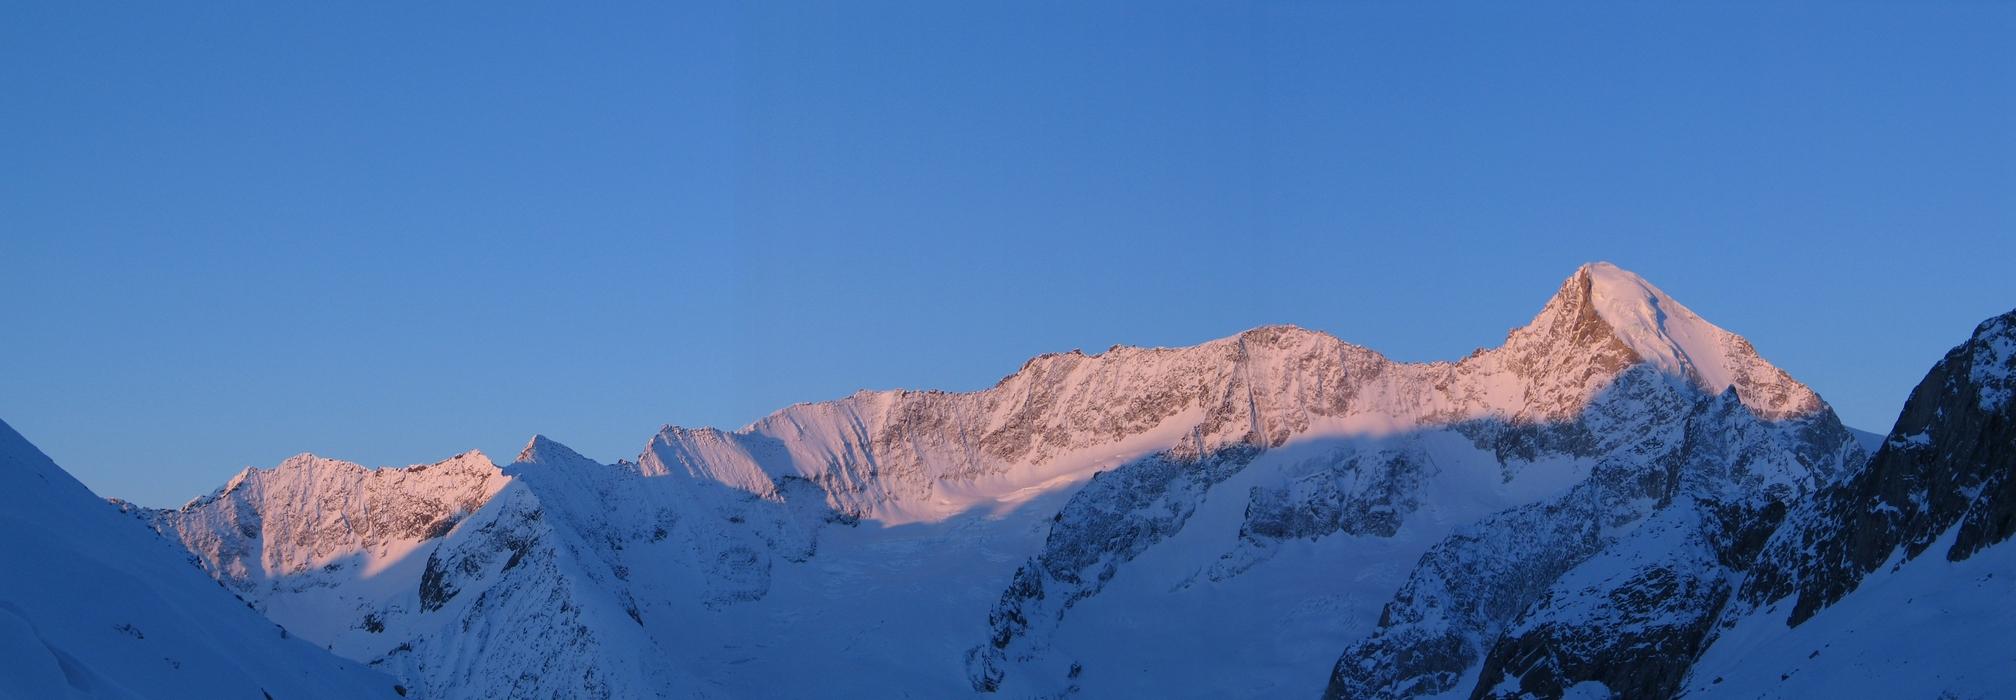 Grosser Aletschhorn Berner Alpen / Alpes bernoises Schweiz panorama 03